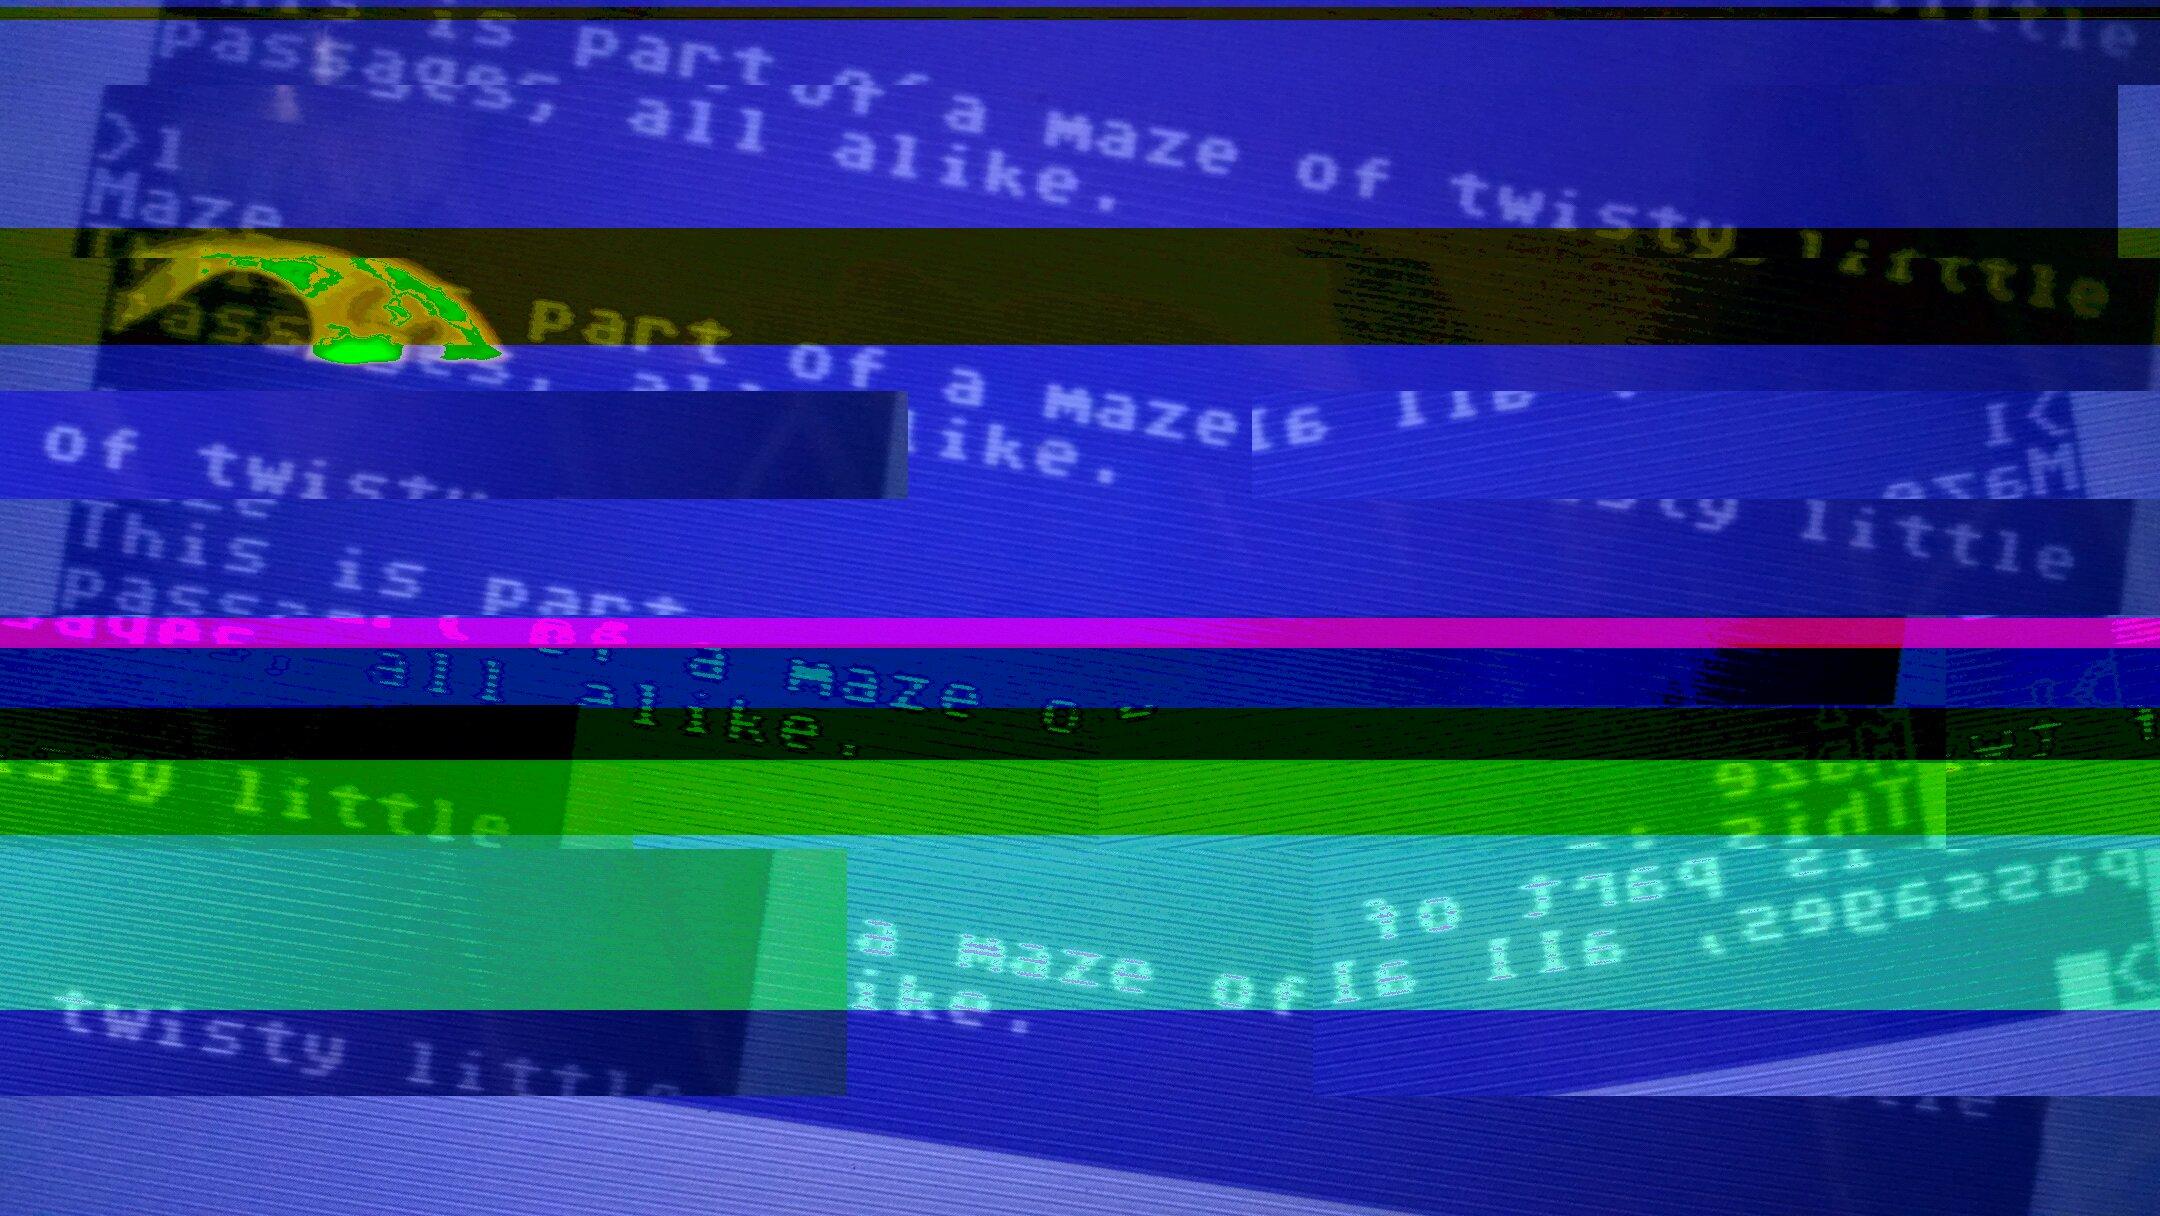 Glitched Commodore 64 Image